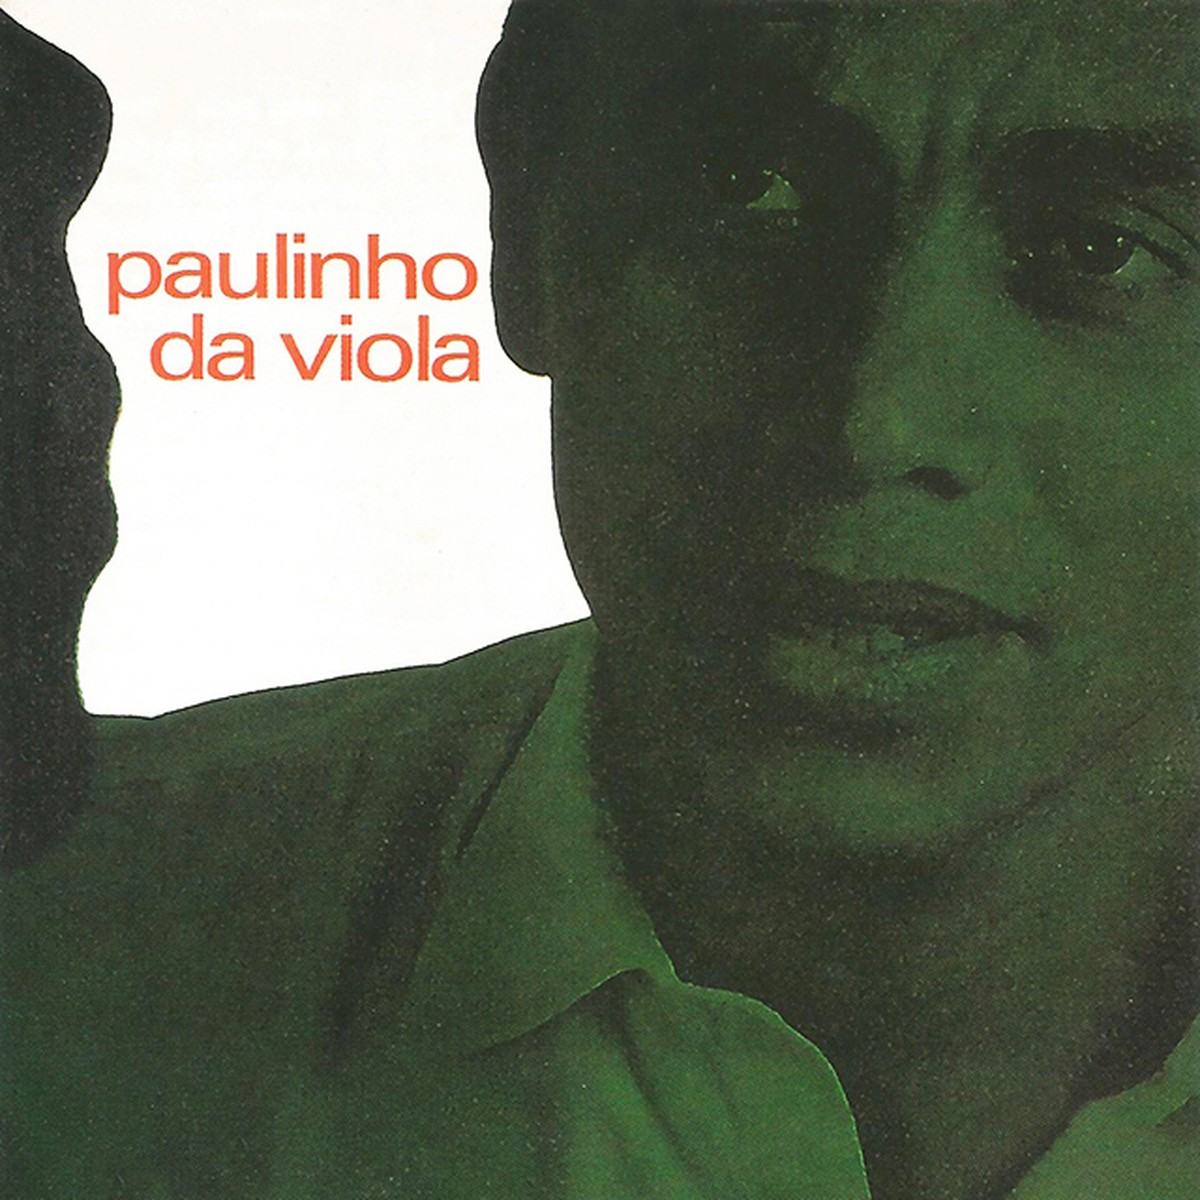 Músicas para descobrir em casa – 'Encontro' (Paulinho da Viola, 1968) com Paulinho da Viola   Blog do Mauro Ferreira